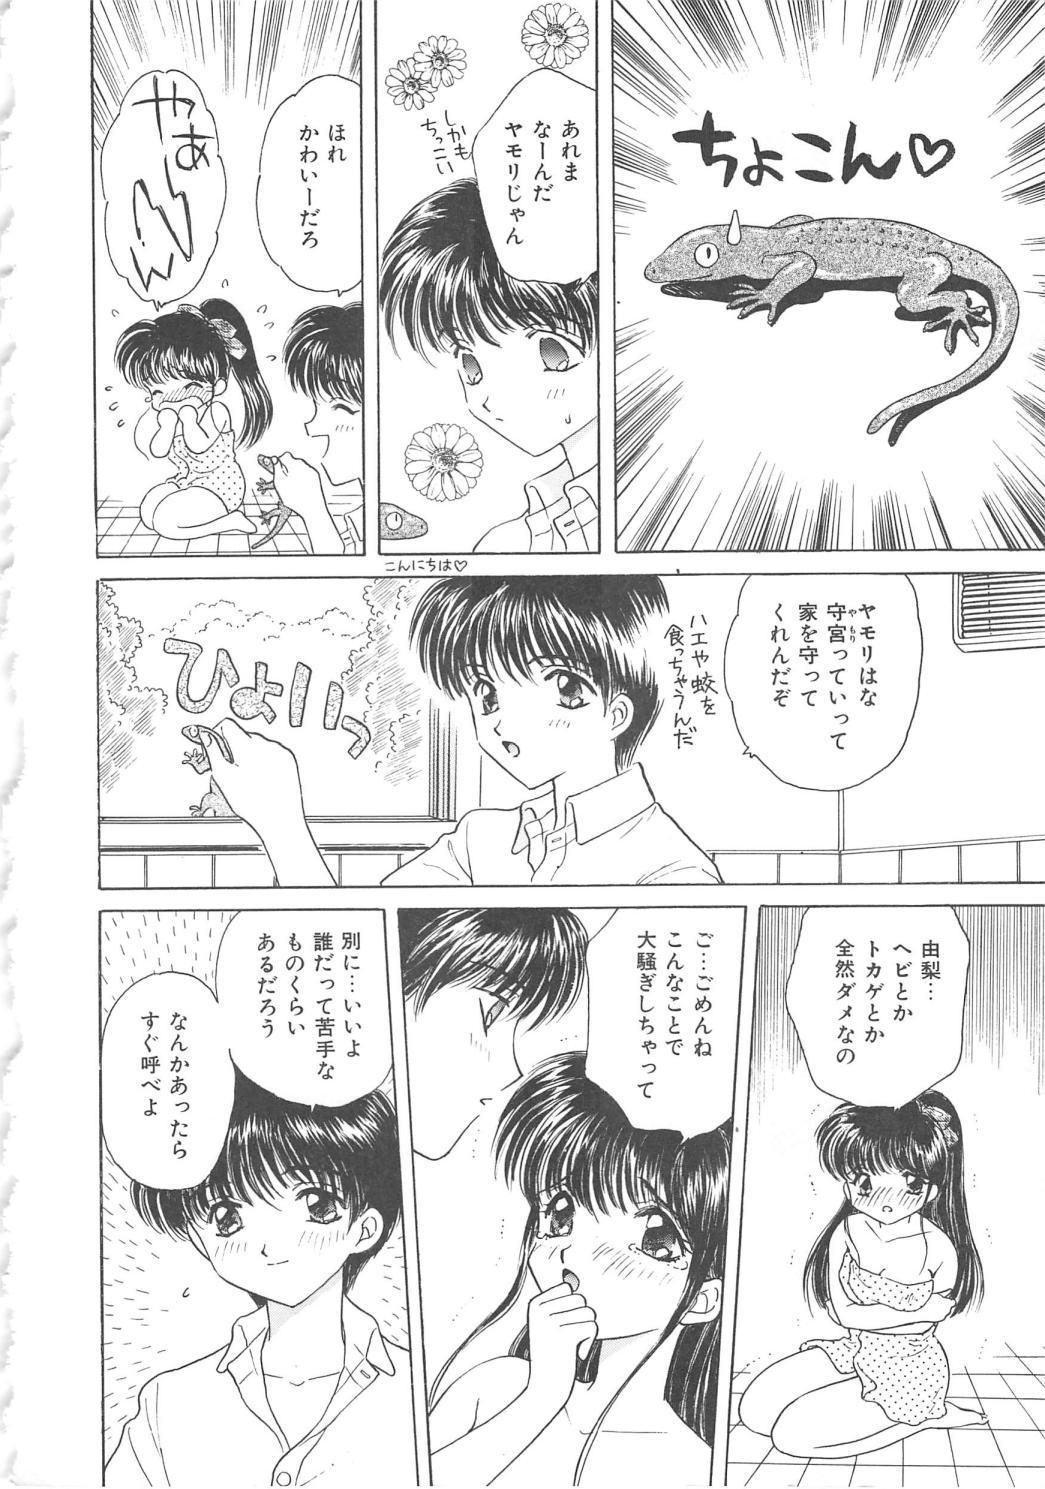 Shojyo Koutan 151